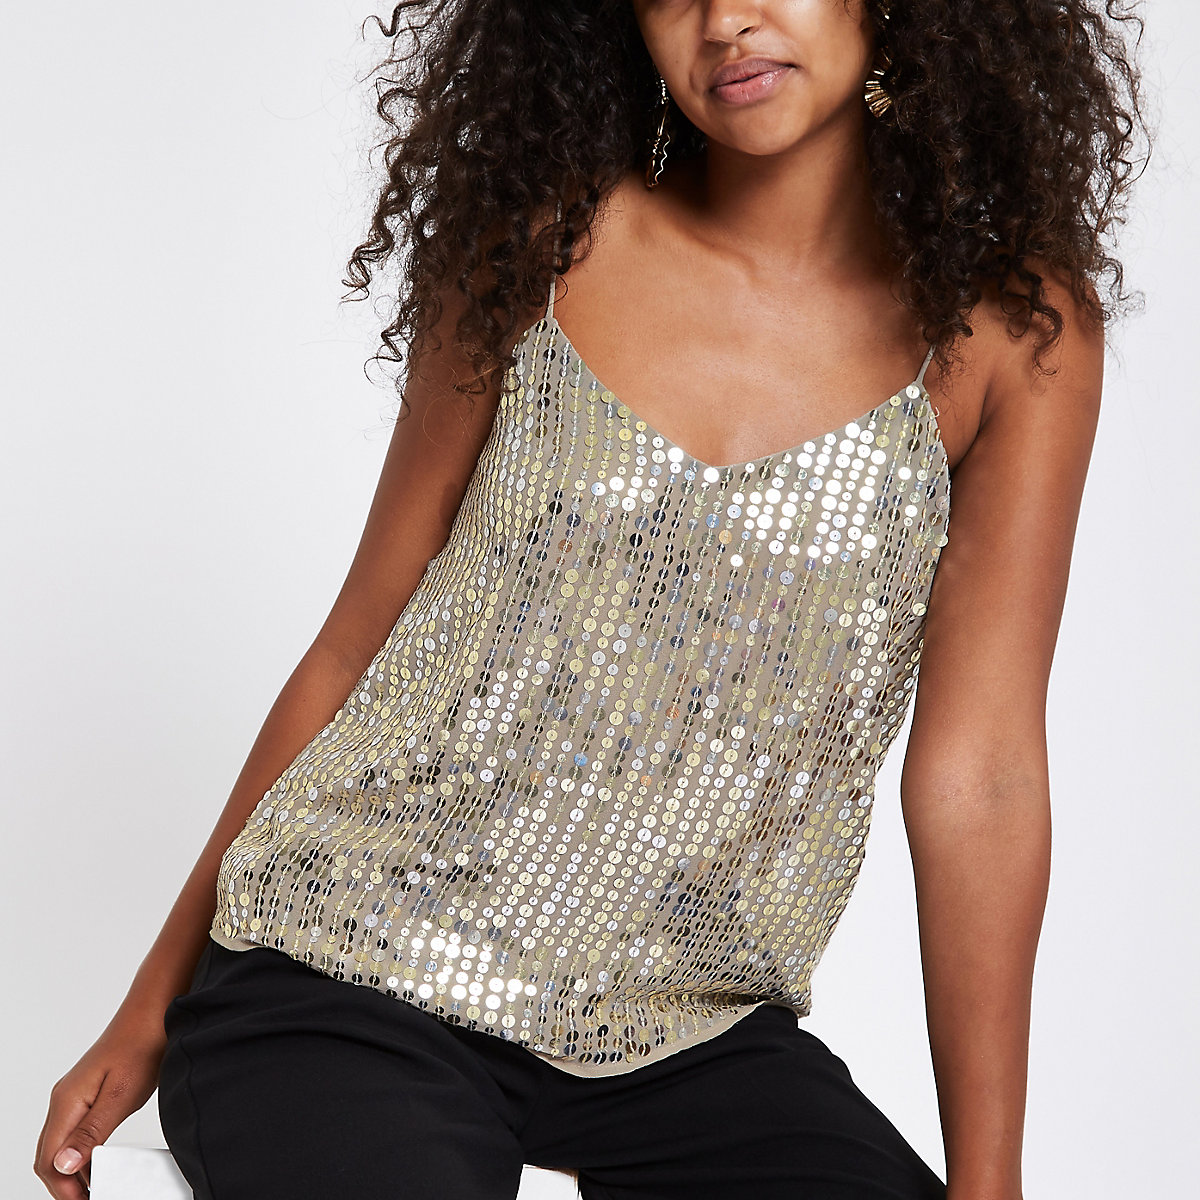 Gold sequin embellished cami top